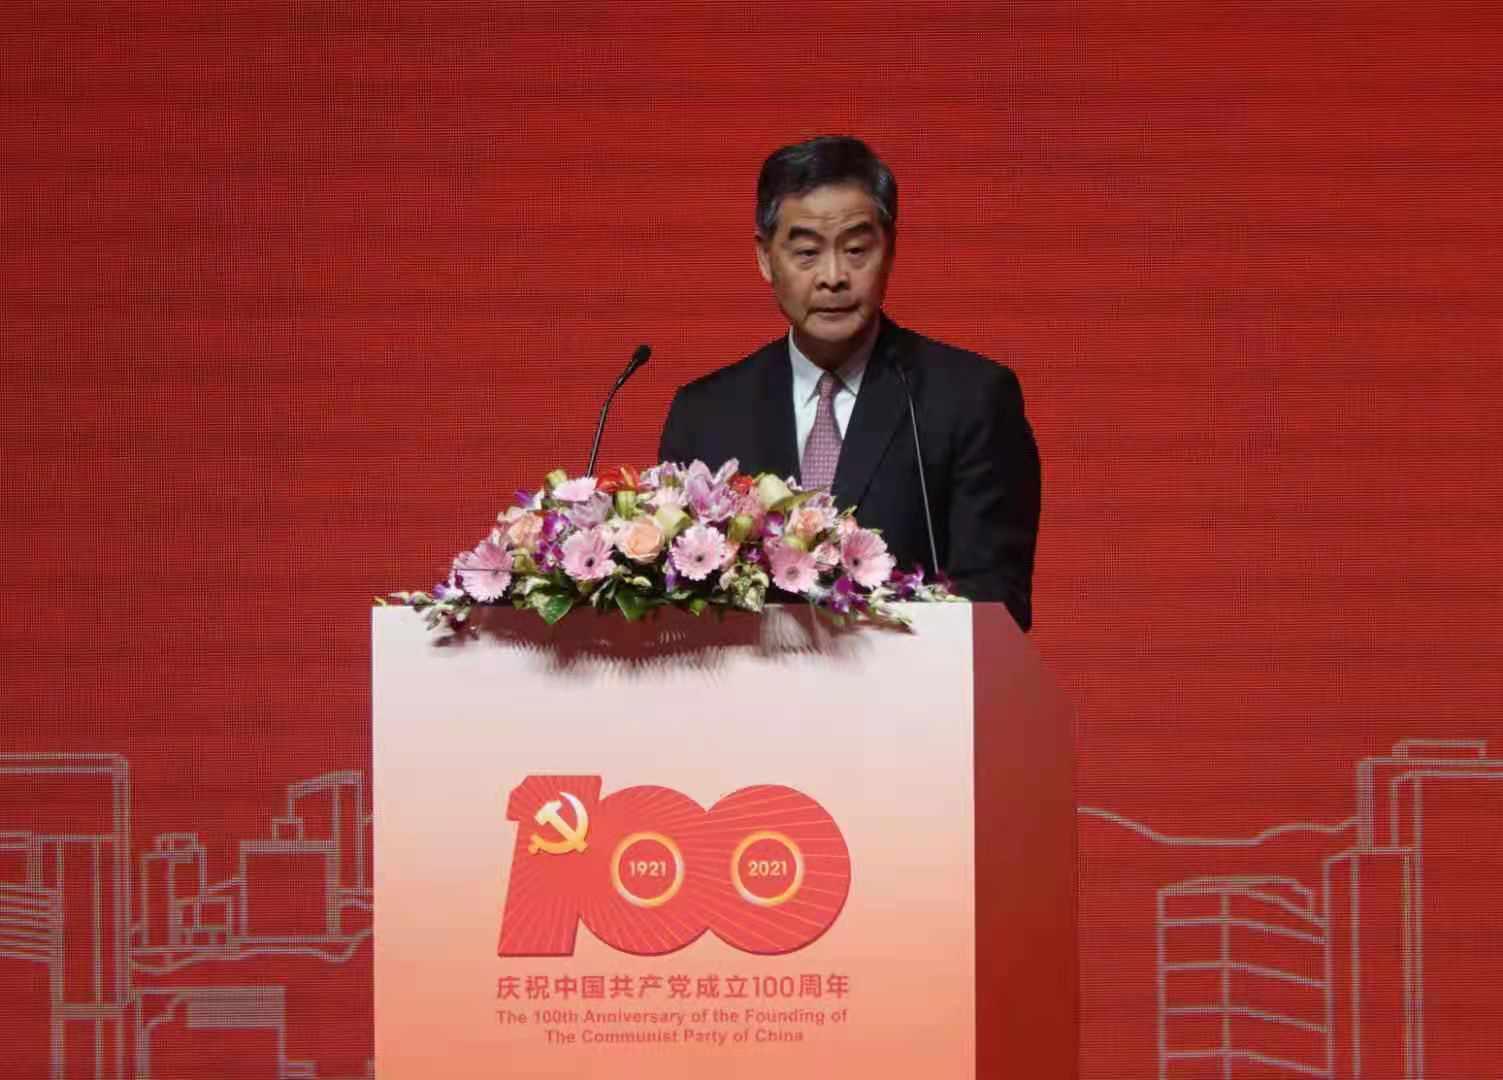 「中國共產黨與『一國兩制』」主題論壇今日(12日)舉行,全國政協副主席梁振英出席並致辭。(大公報記者凱楊攝)